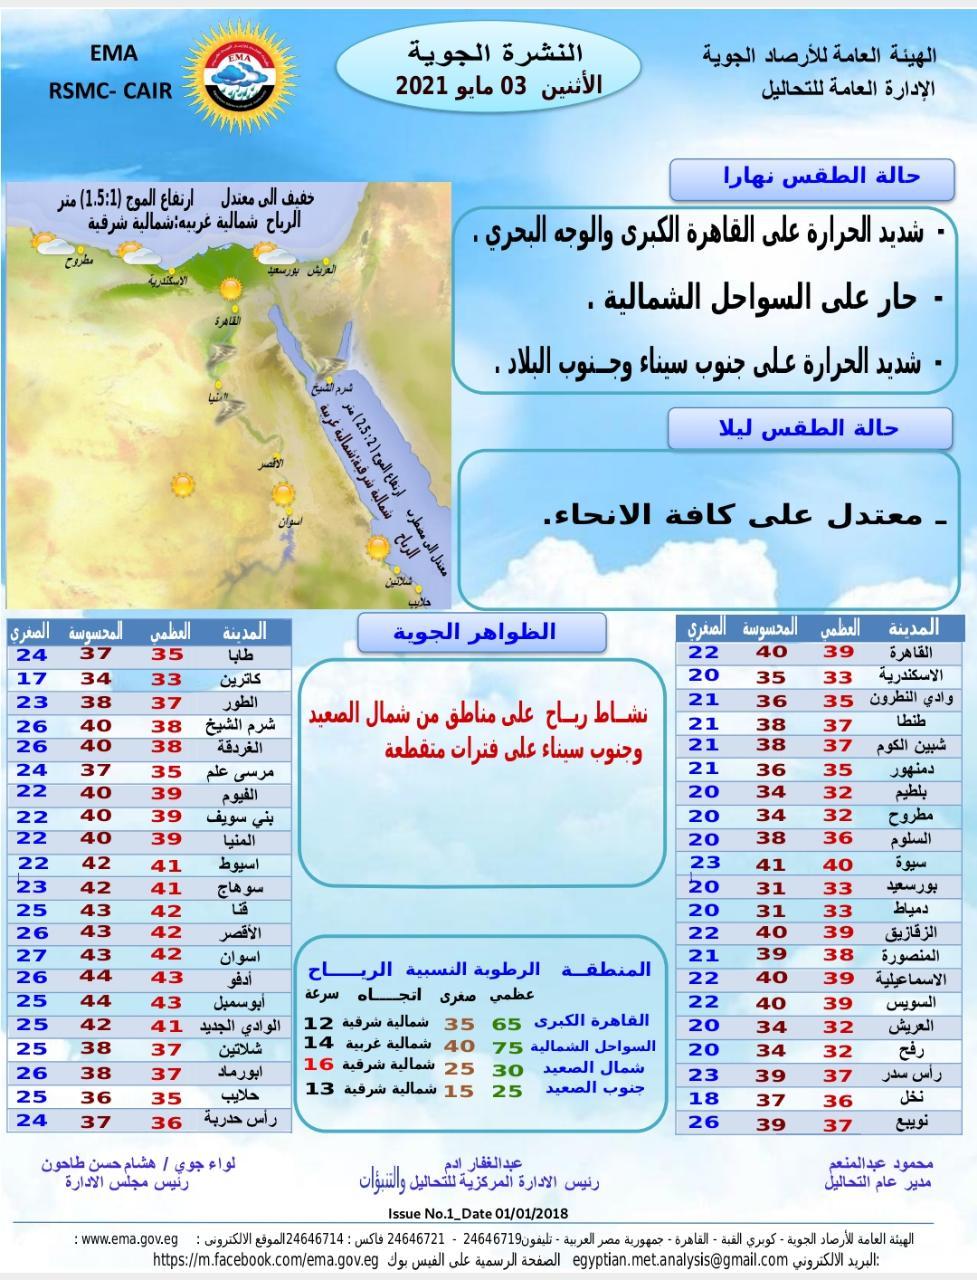 شديد الحرارة.. الأرصاد تعلن تفاصيل حالة الطقس اليوم الإثنين 3 مايو وحتى السبت 9 مايو ودرجات الحرارة المتوقعة 4